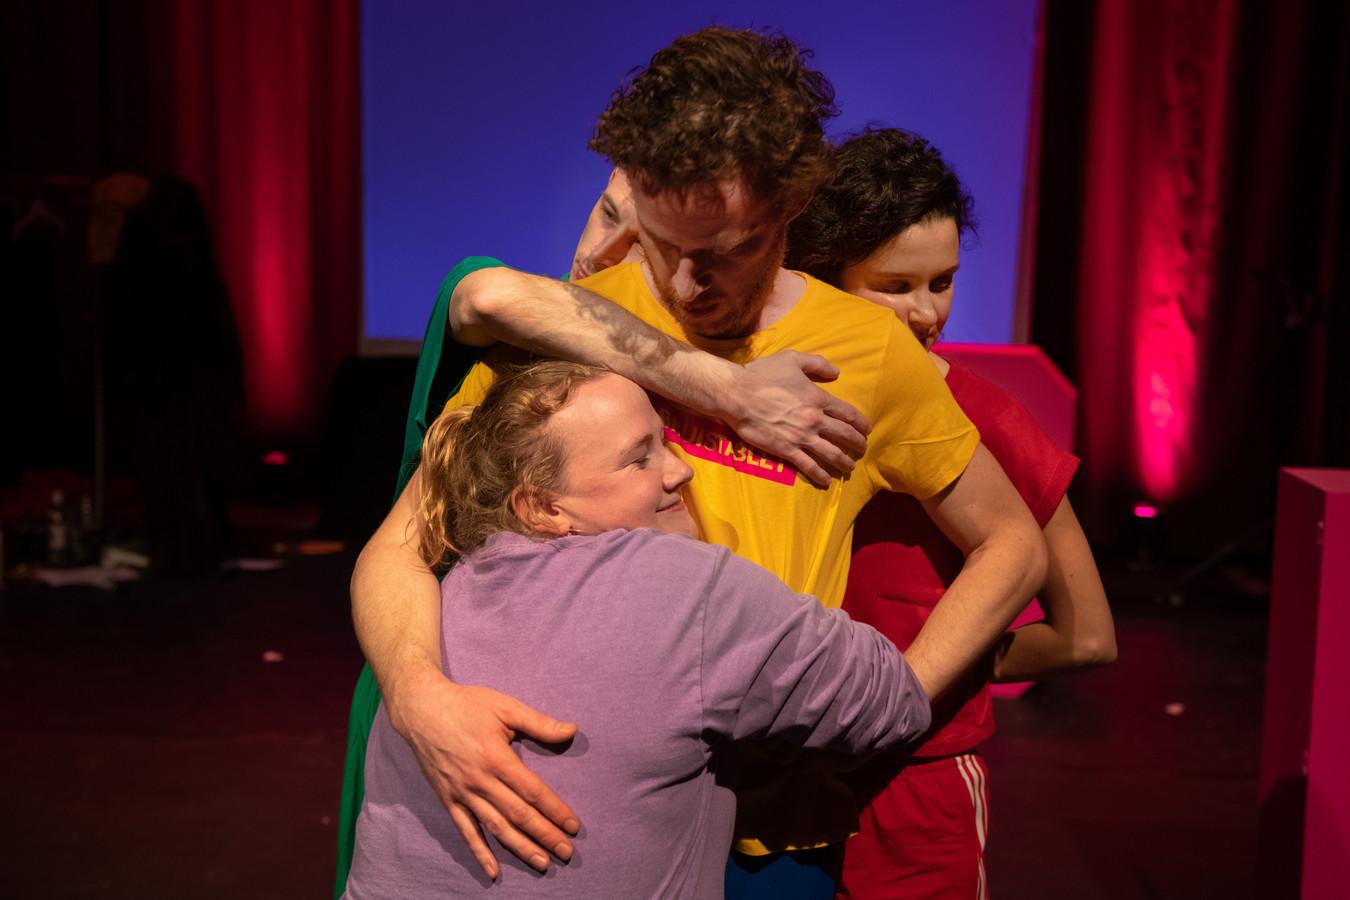 De voorstelling Lubricant For Life beleeft op woensdag 11 augustus de Nederlandse première tijdens Theaterfestival Boulevard. Het is de eerste productie van het theatergezelschap Woodman.